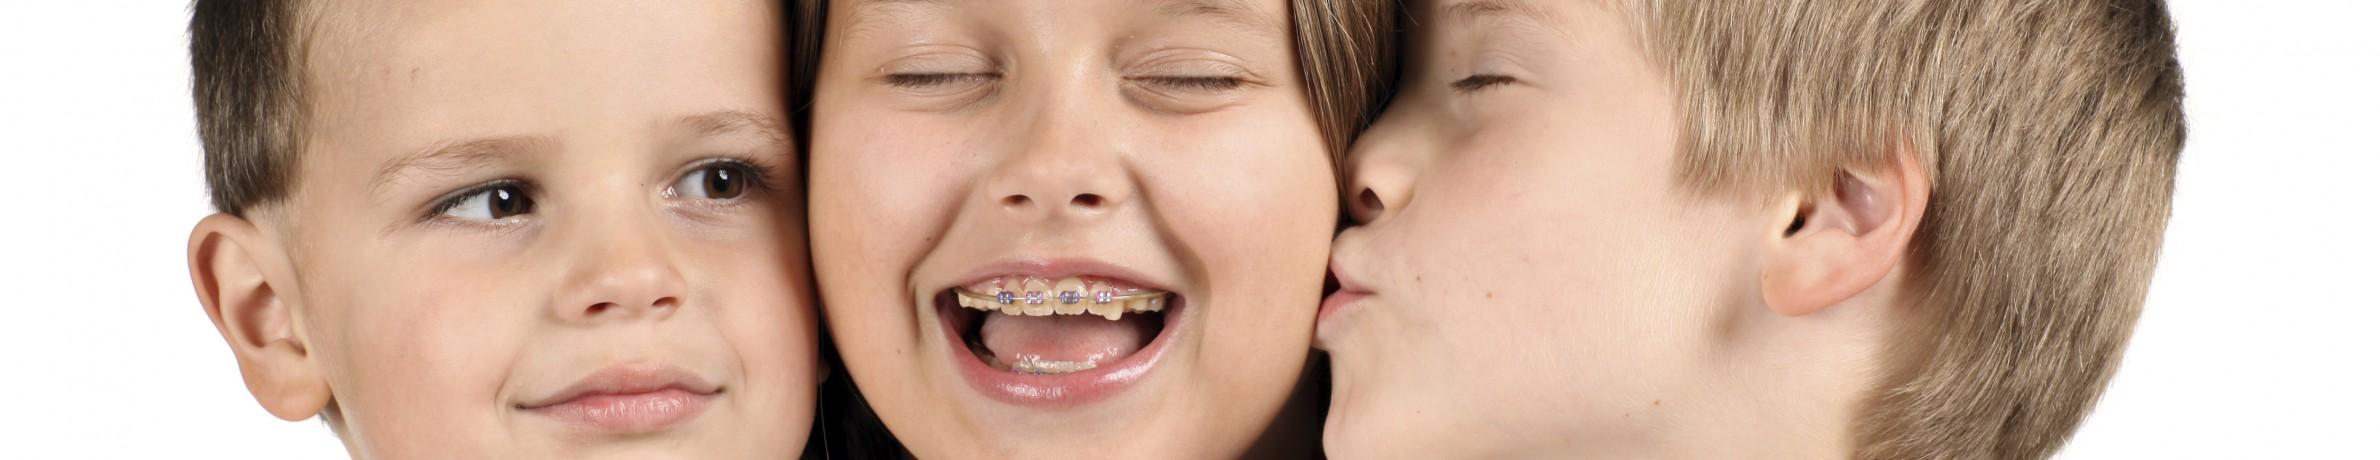 Alle Zahnspangen für Kinder